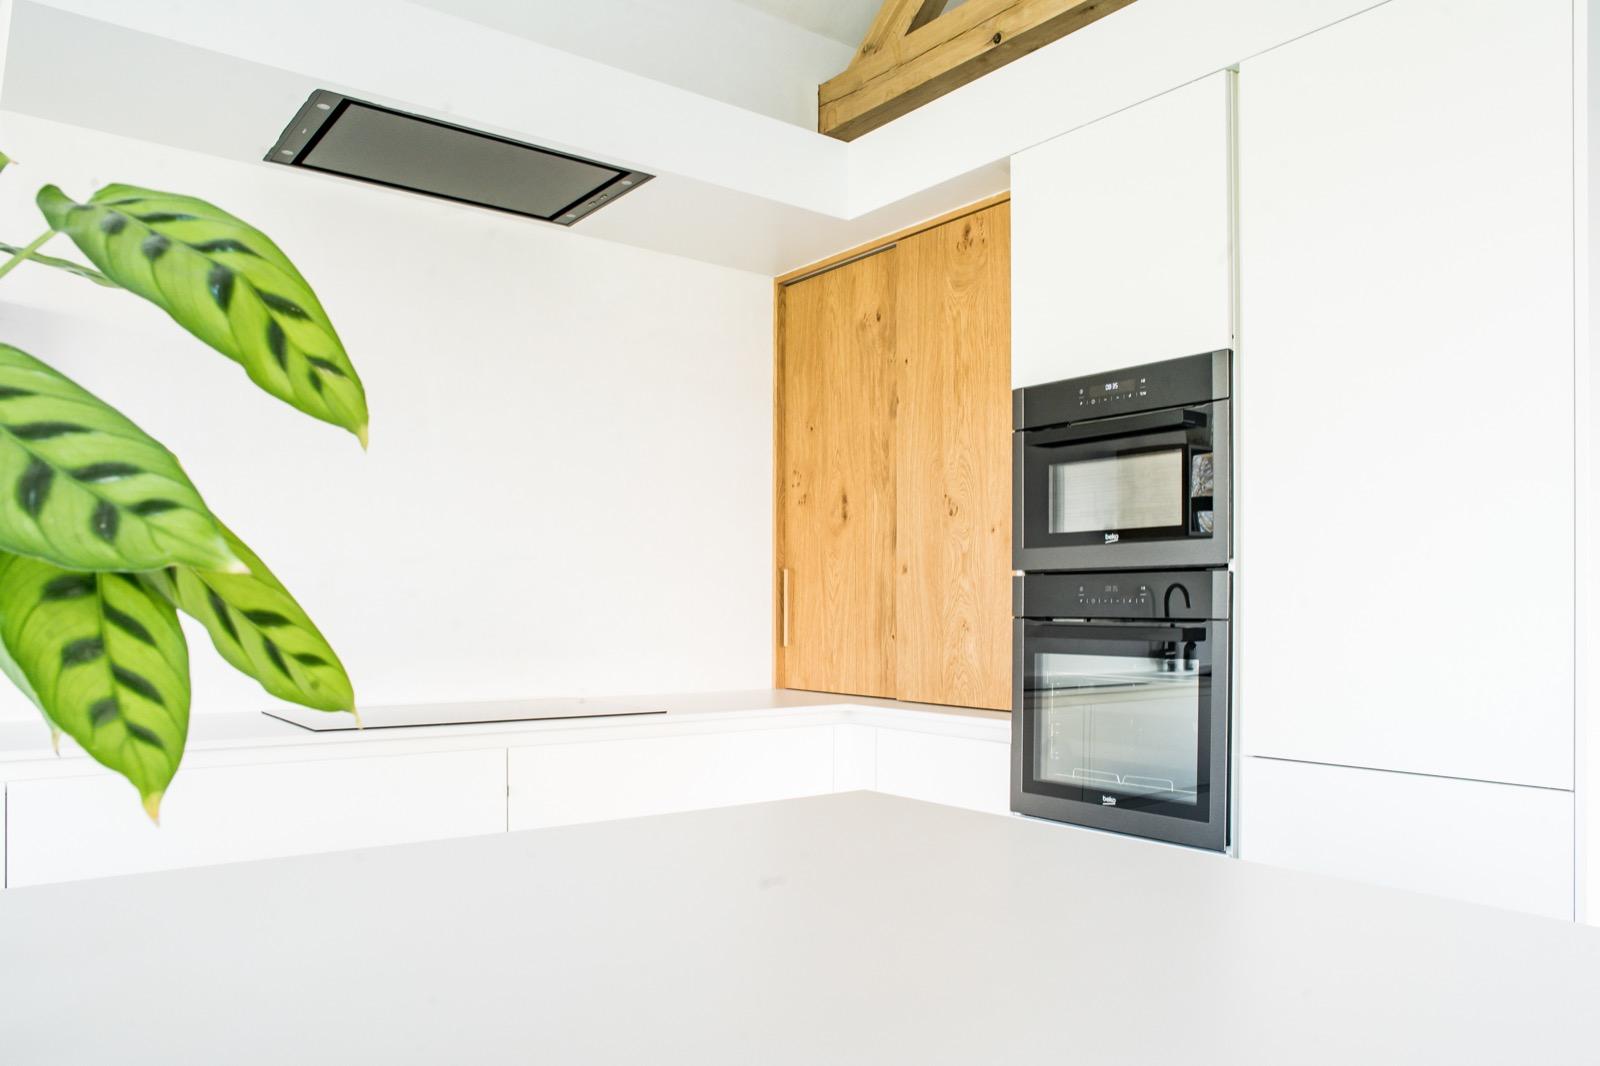 Een nieuwe keuken kopen: waar moet je op letten?